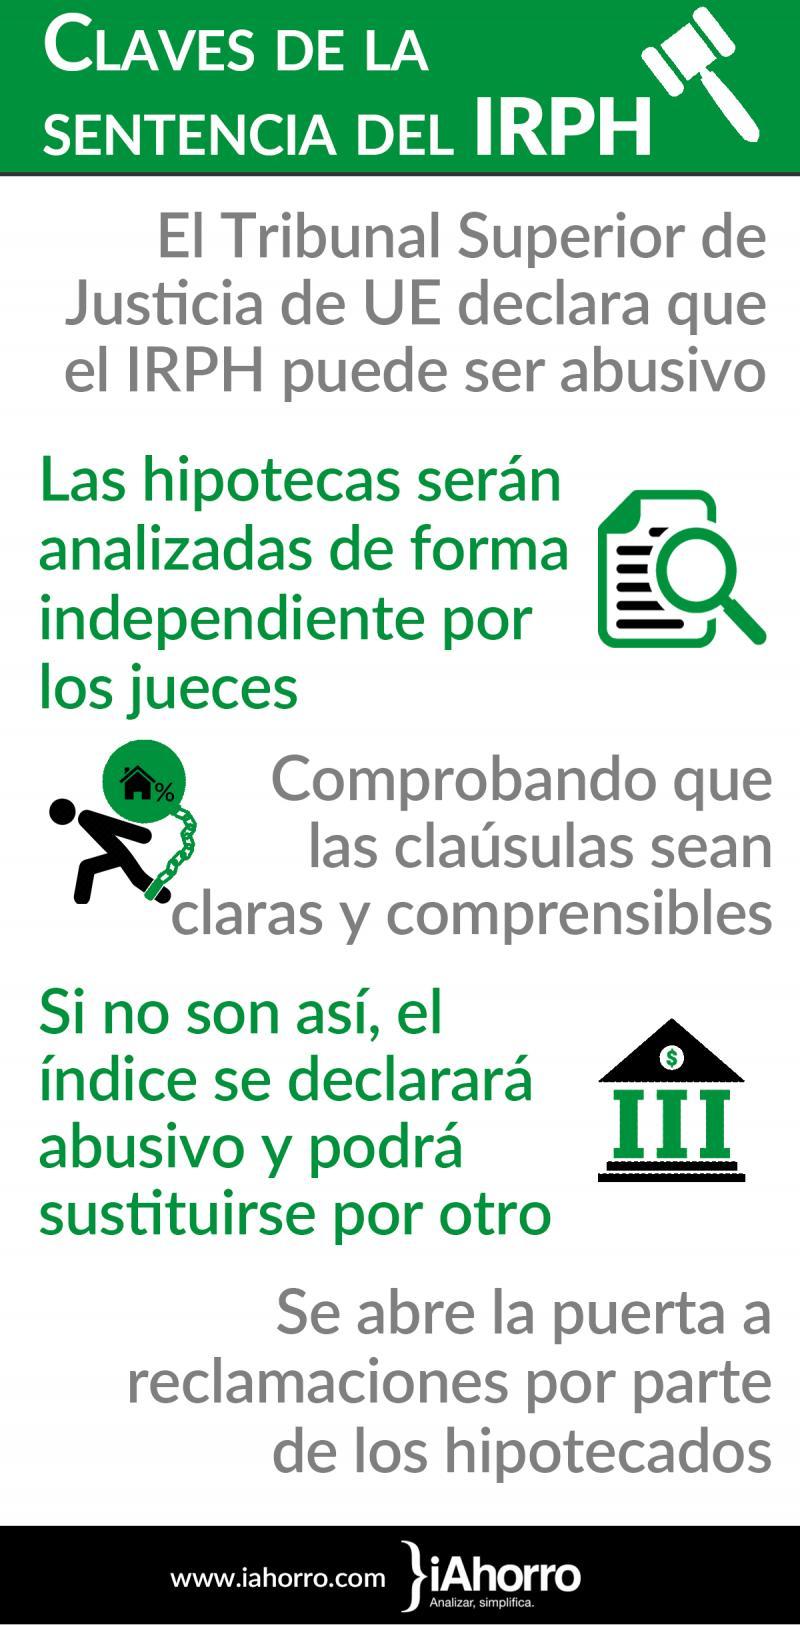 es_el_irph_abusivo_cada_caso_sera_analizado_de_forma_independiente